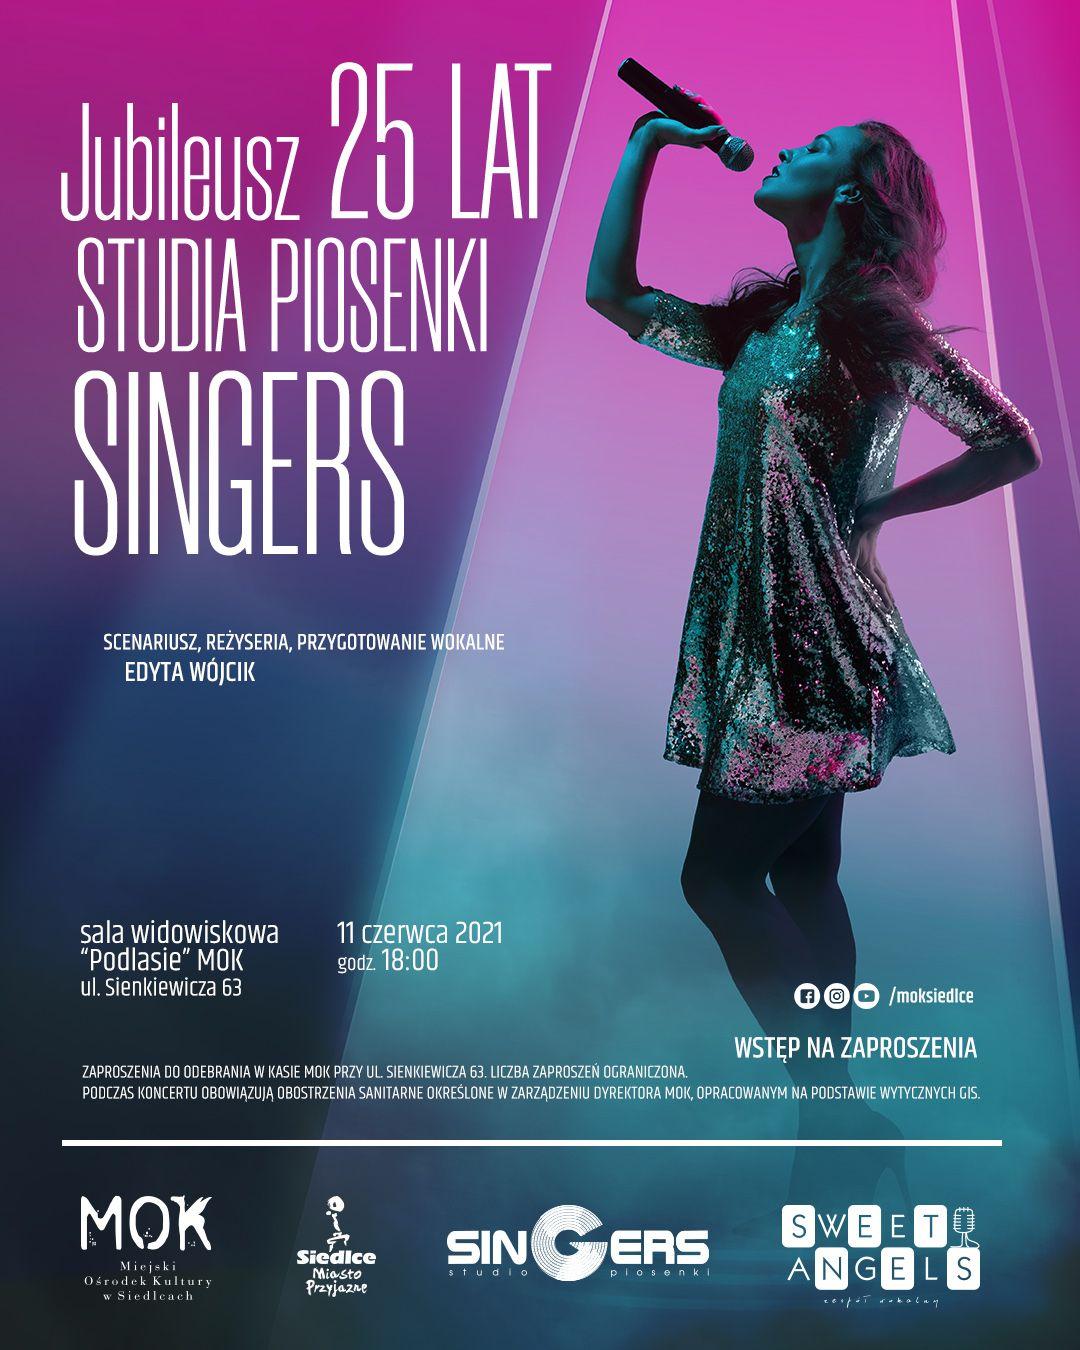 Jubileusz 25 lat Studia Piosenki Singers - Zdjęcie główne